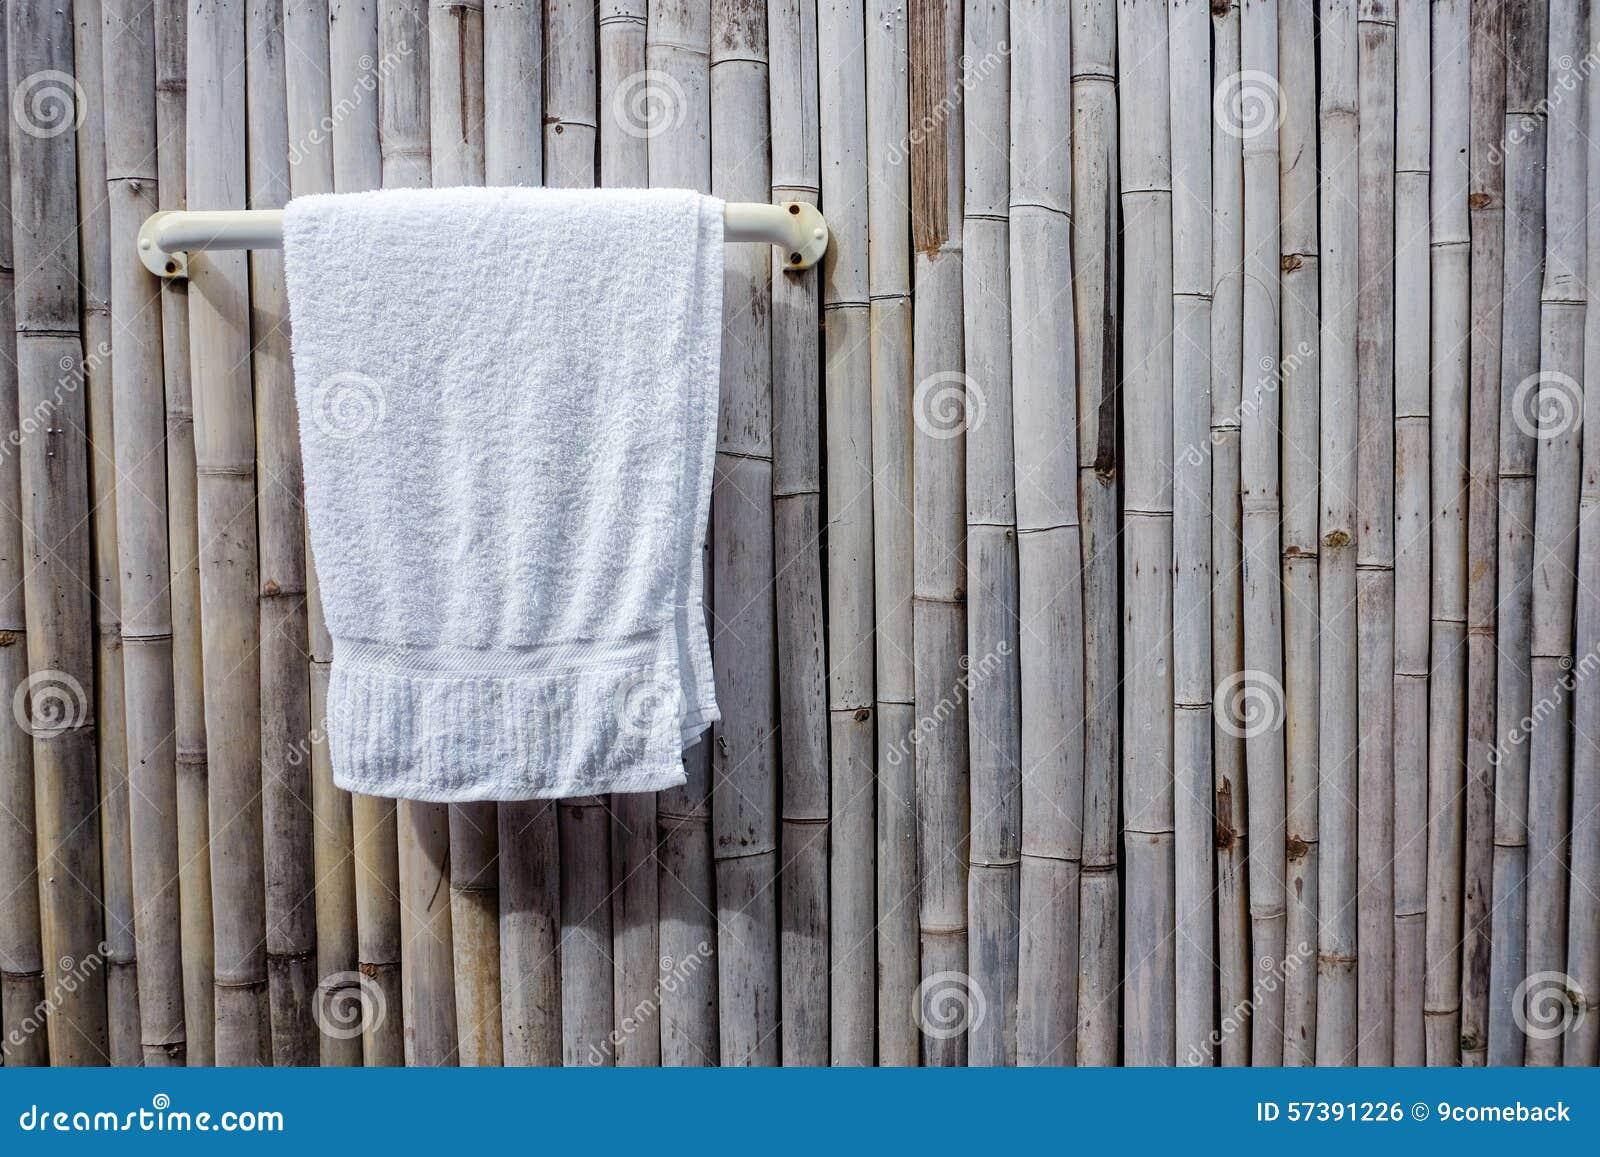 De handdoek hangt